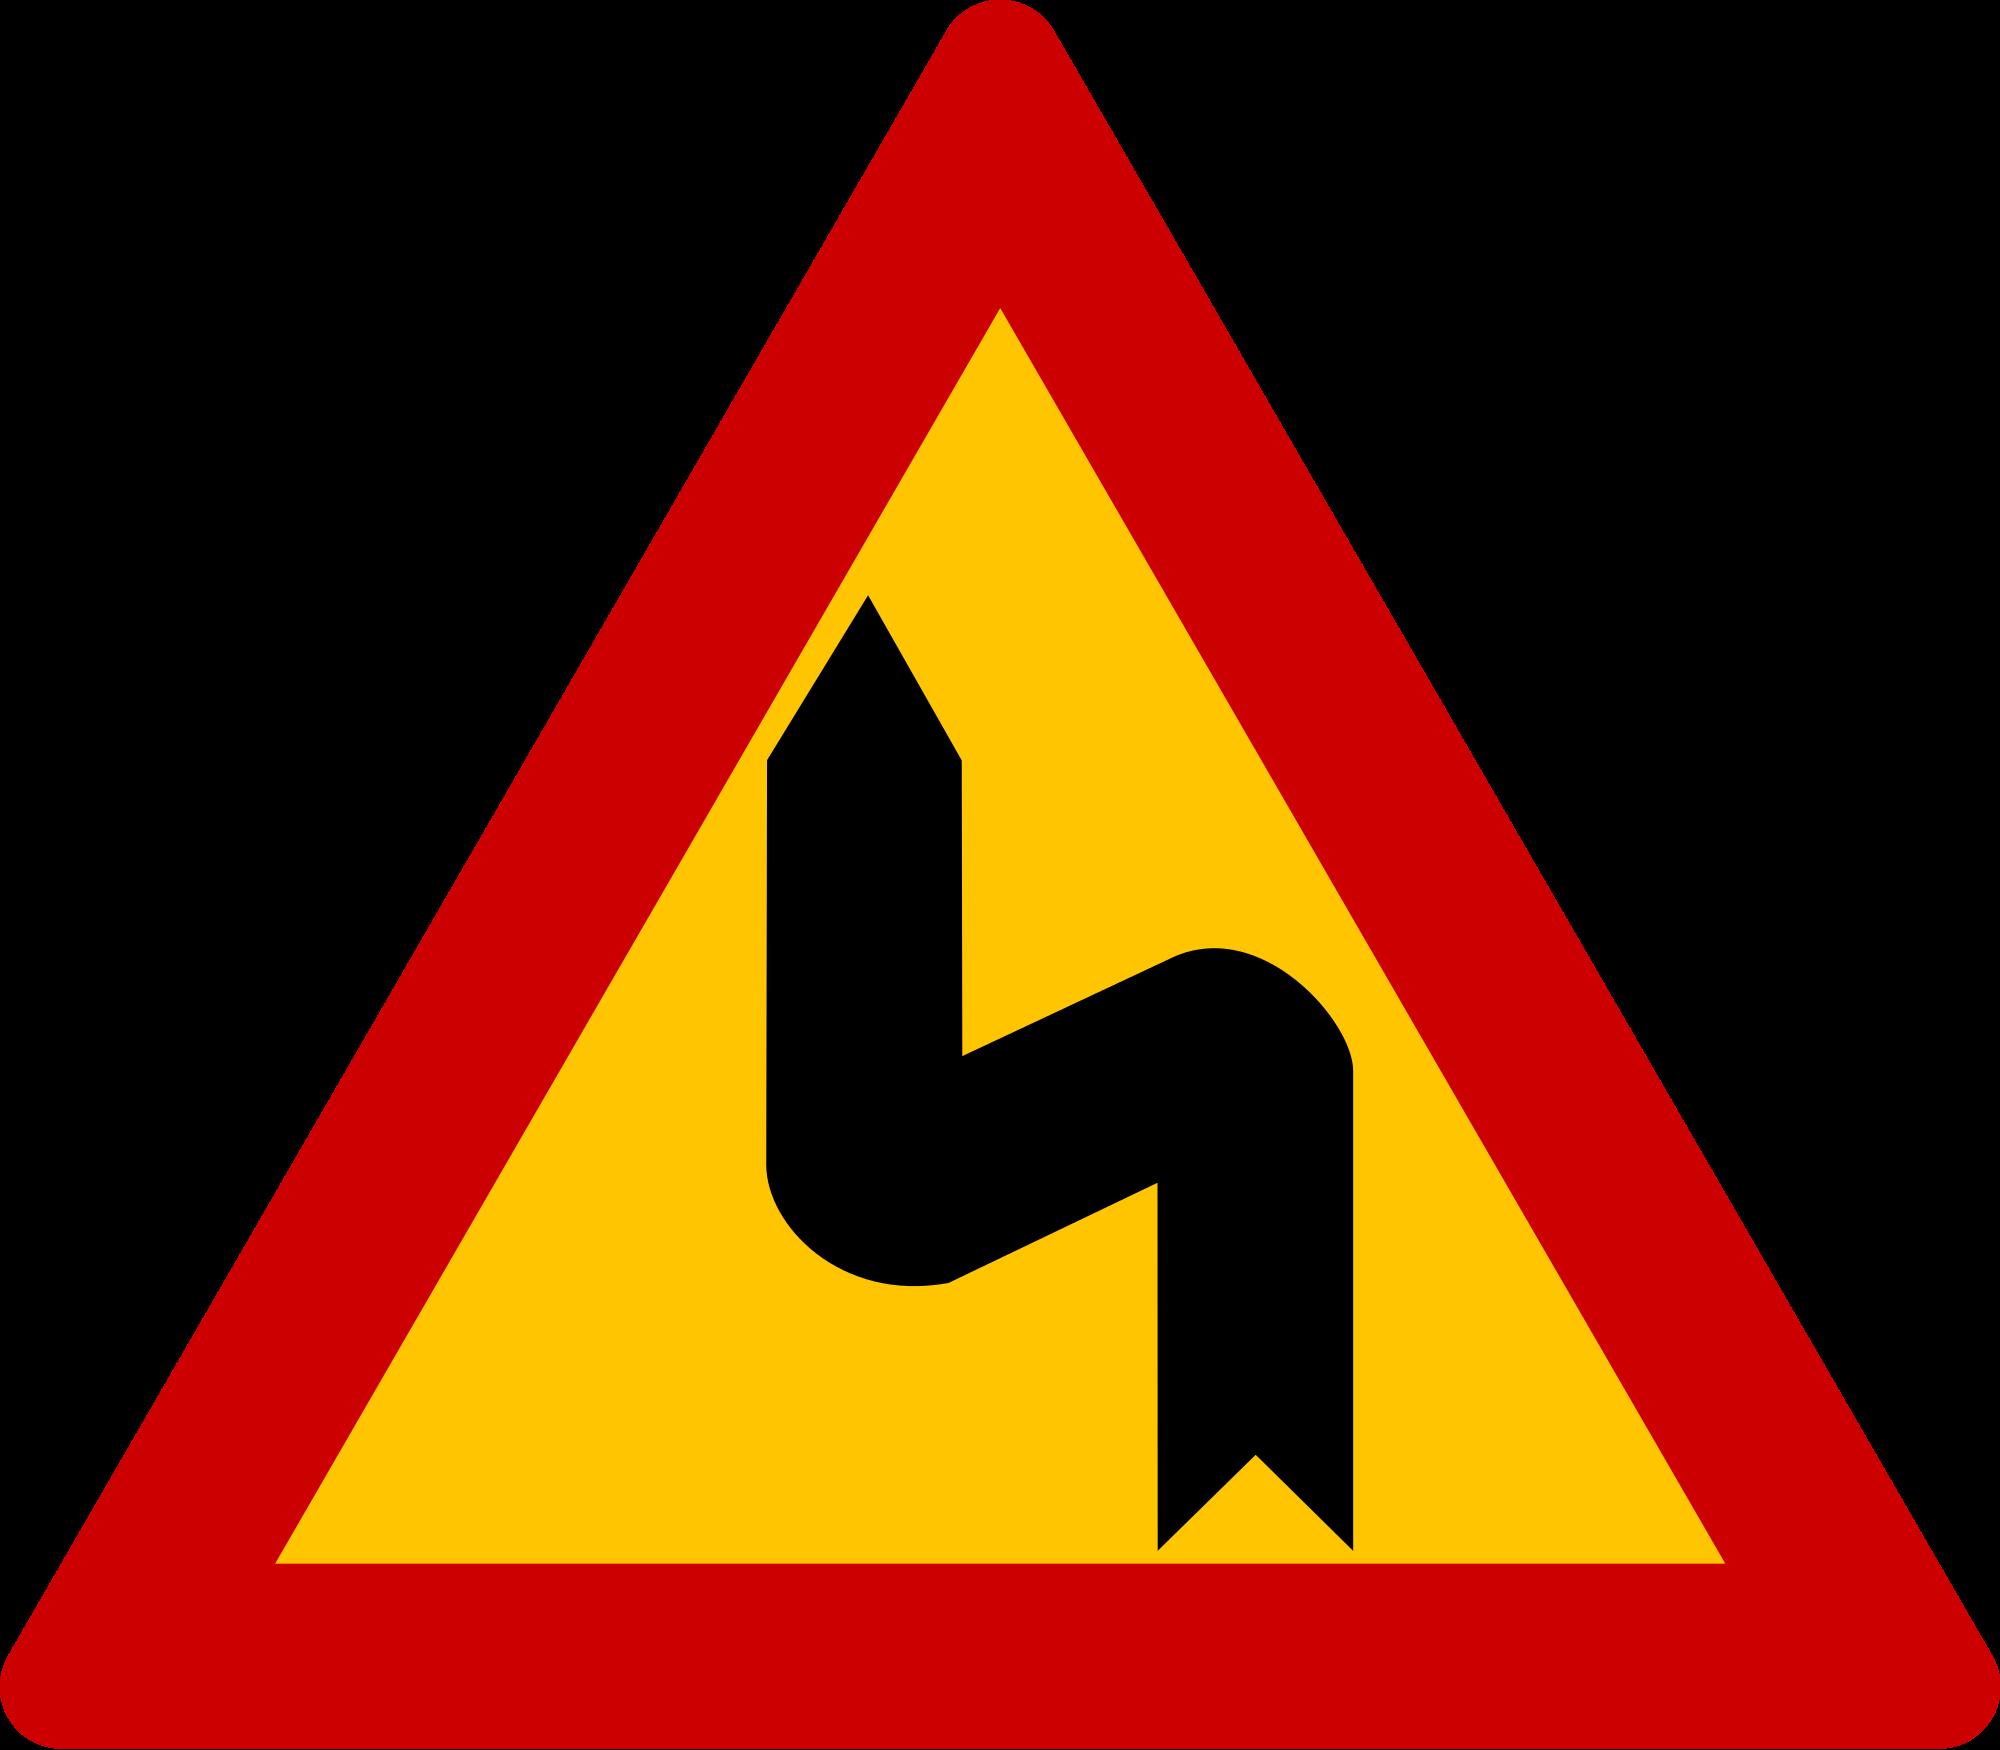 File:Traffic Sign GR.